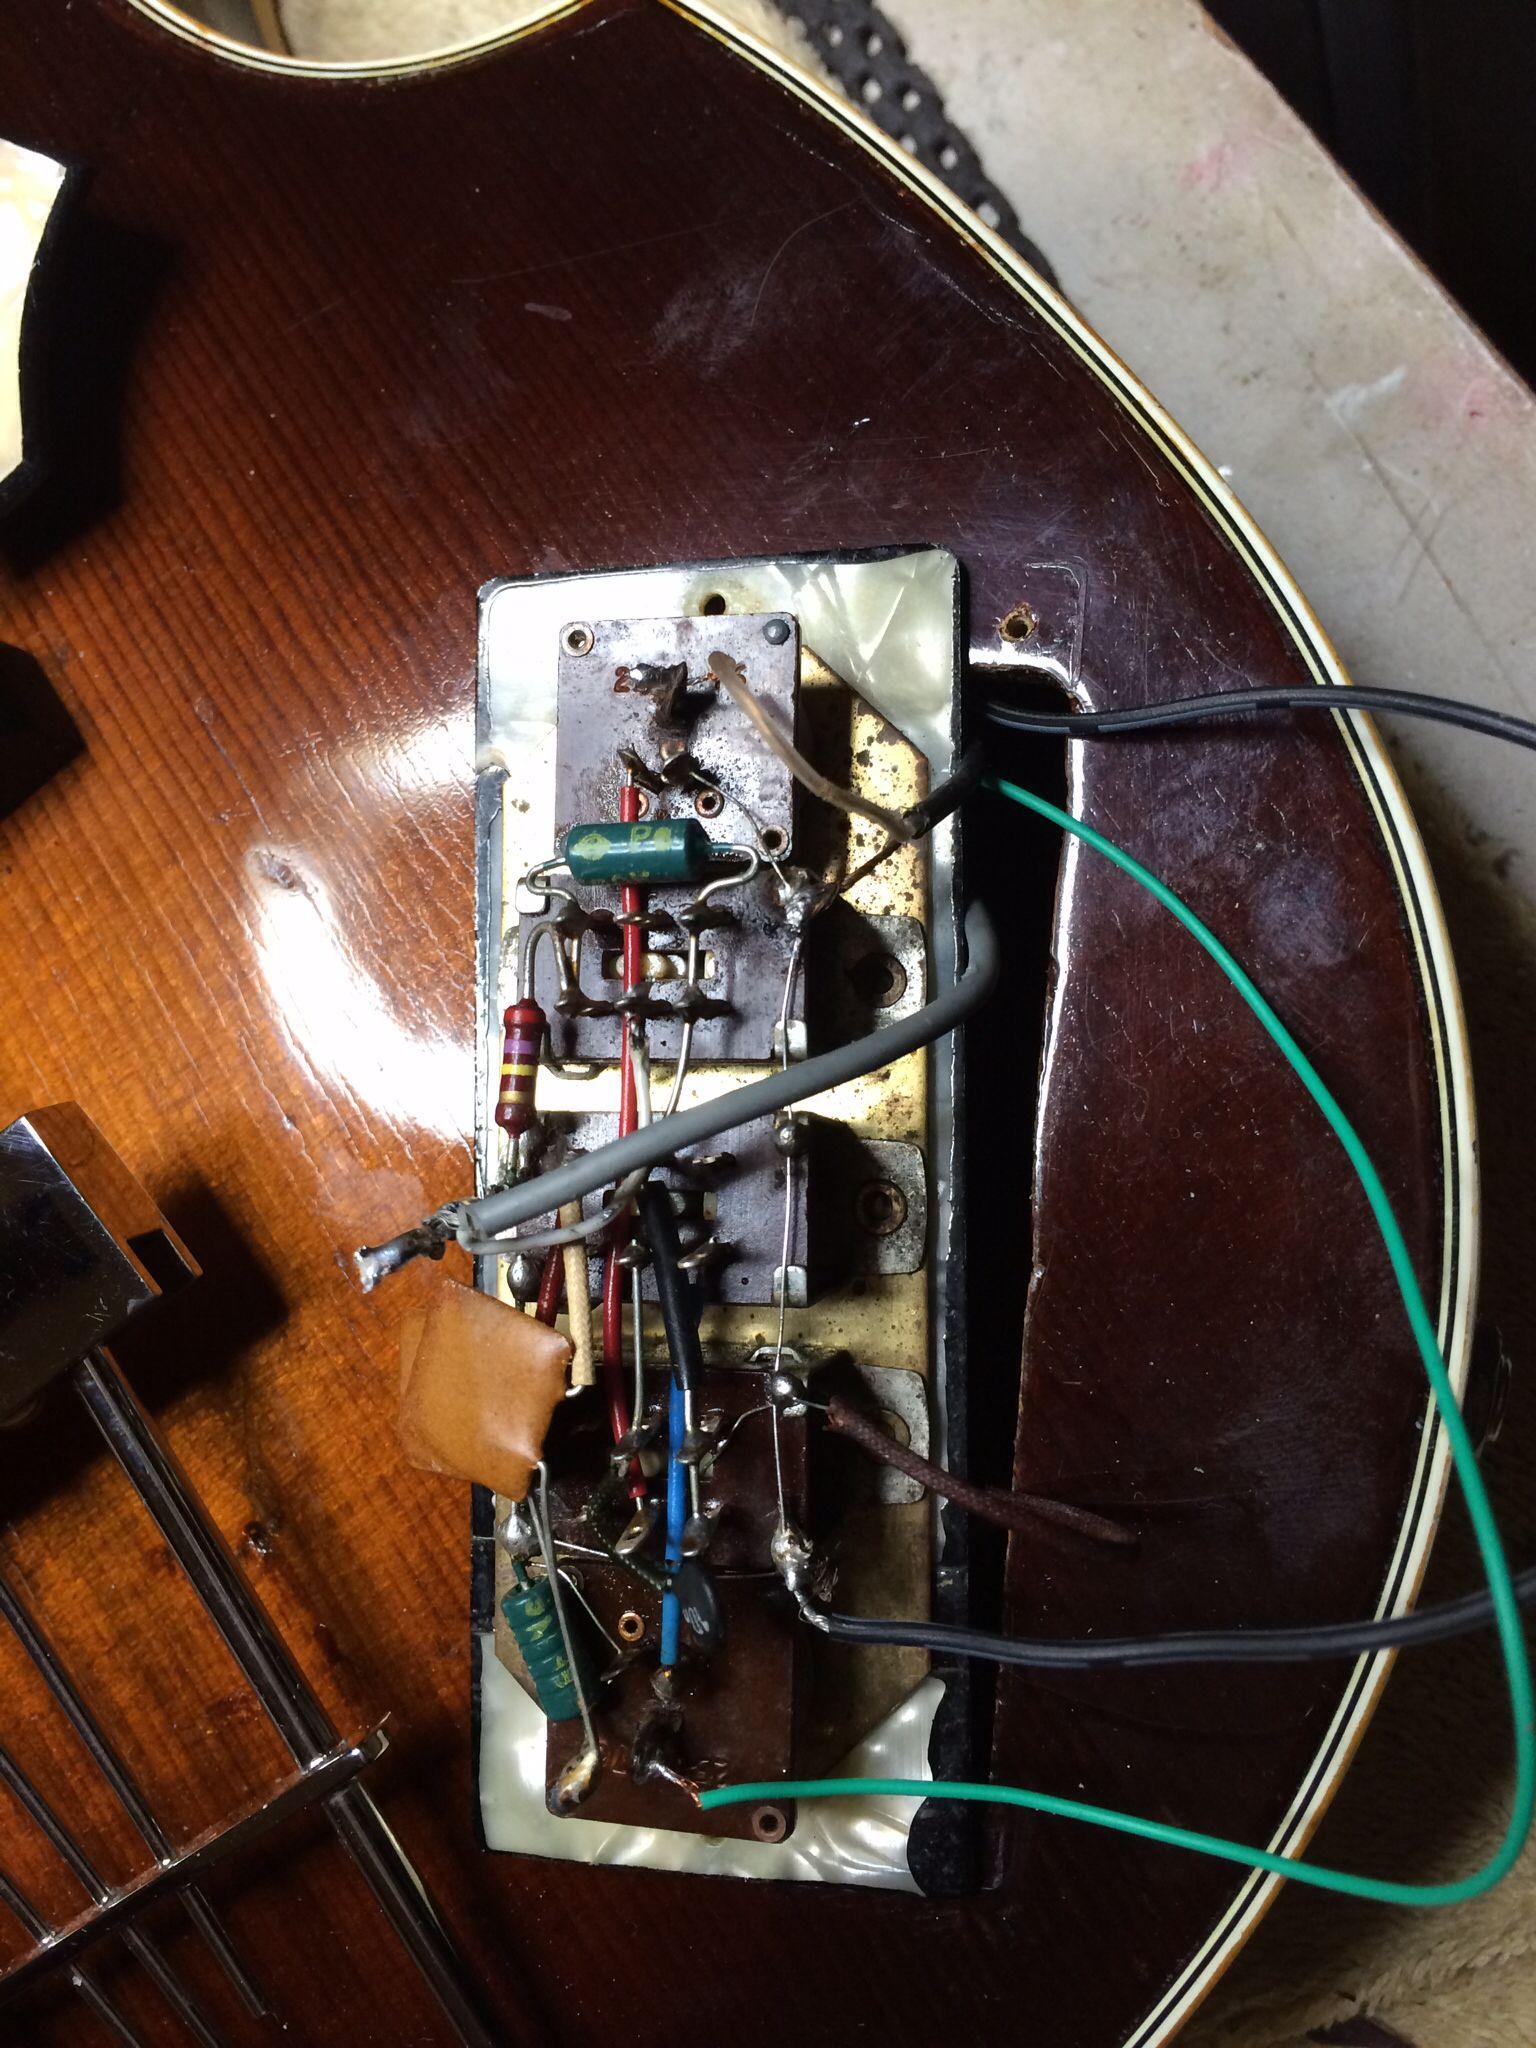 hofner 500 1 wiring for control panel guitars. Black Bedroom Furniture Sets. Home Design Ideas